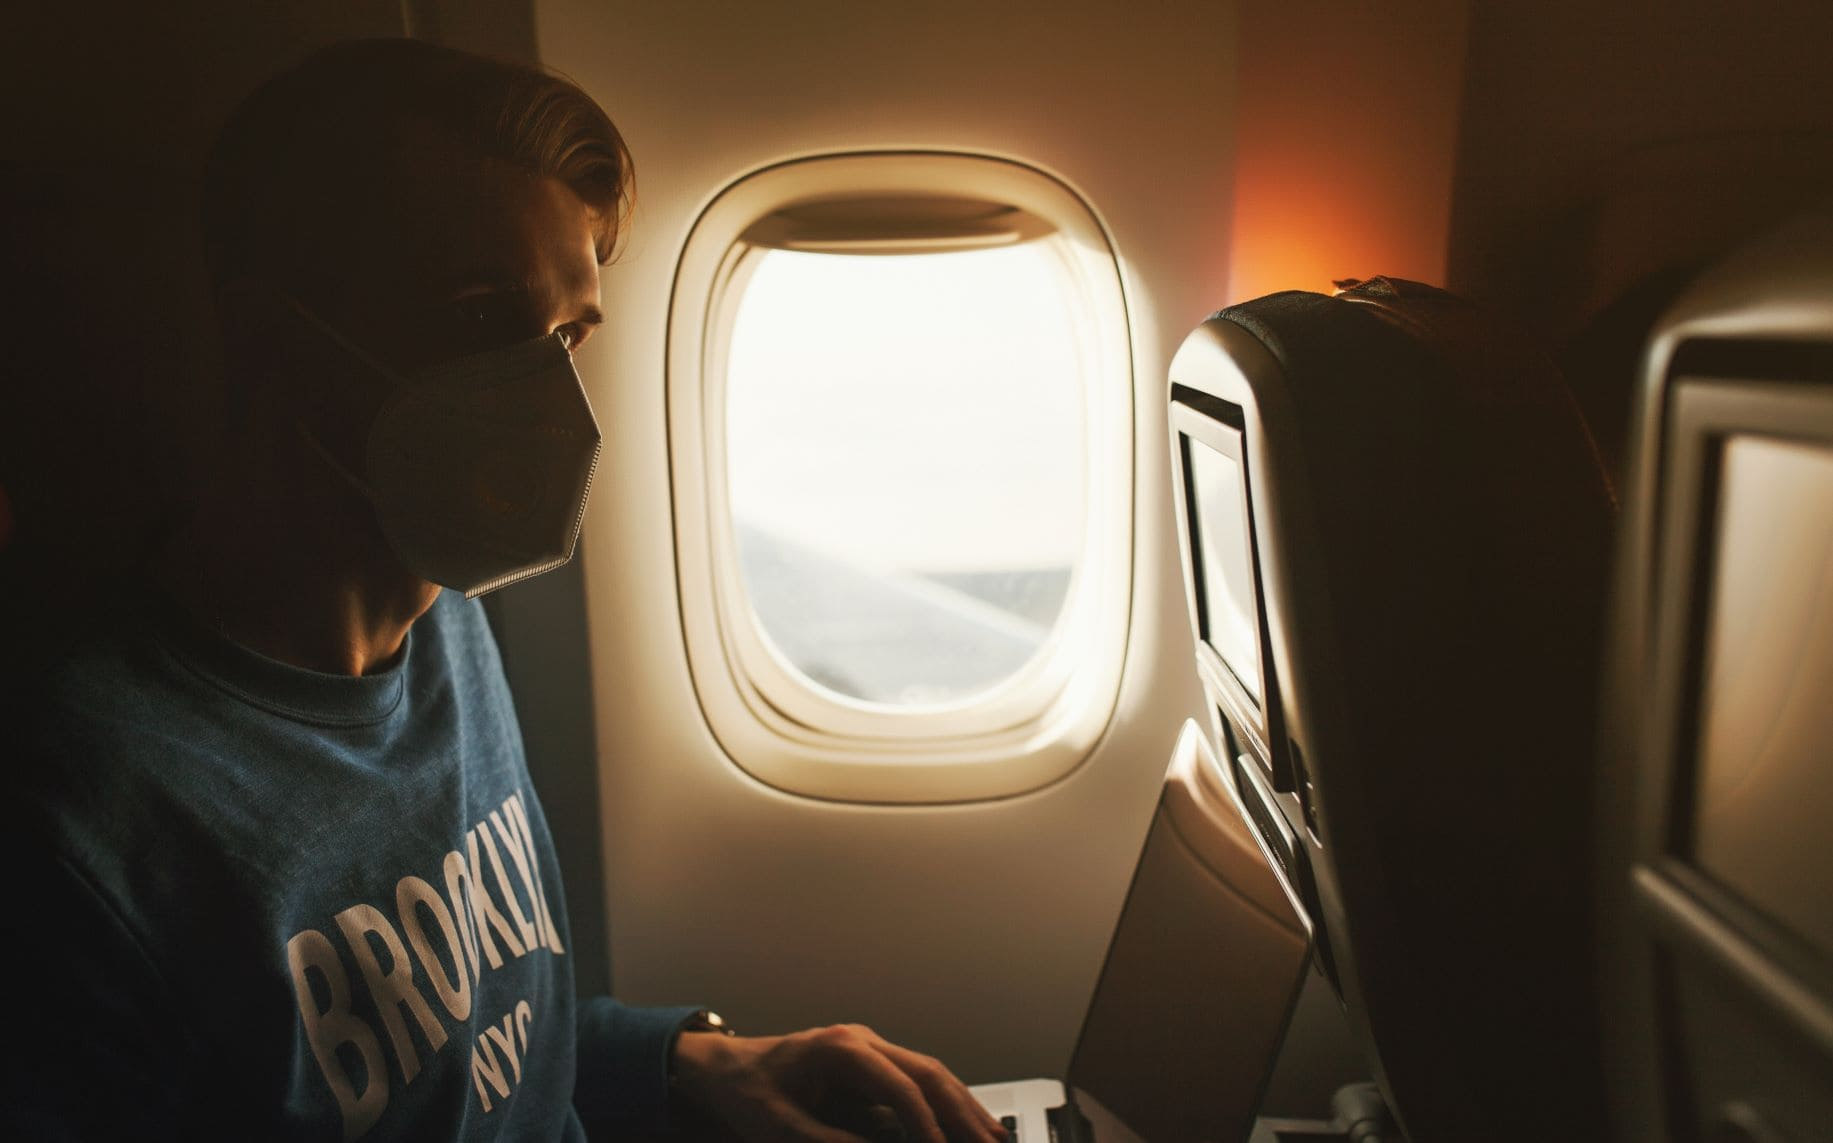 Junger Mann sitzt im Flugzeug und trägt einen Mund-Nasen-Schutz